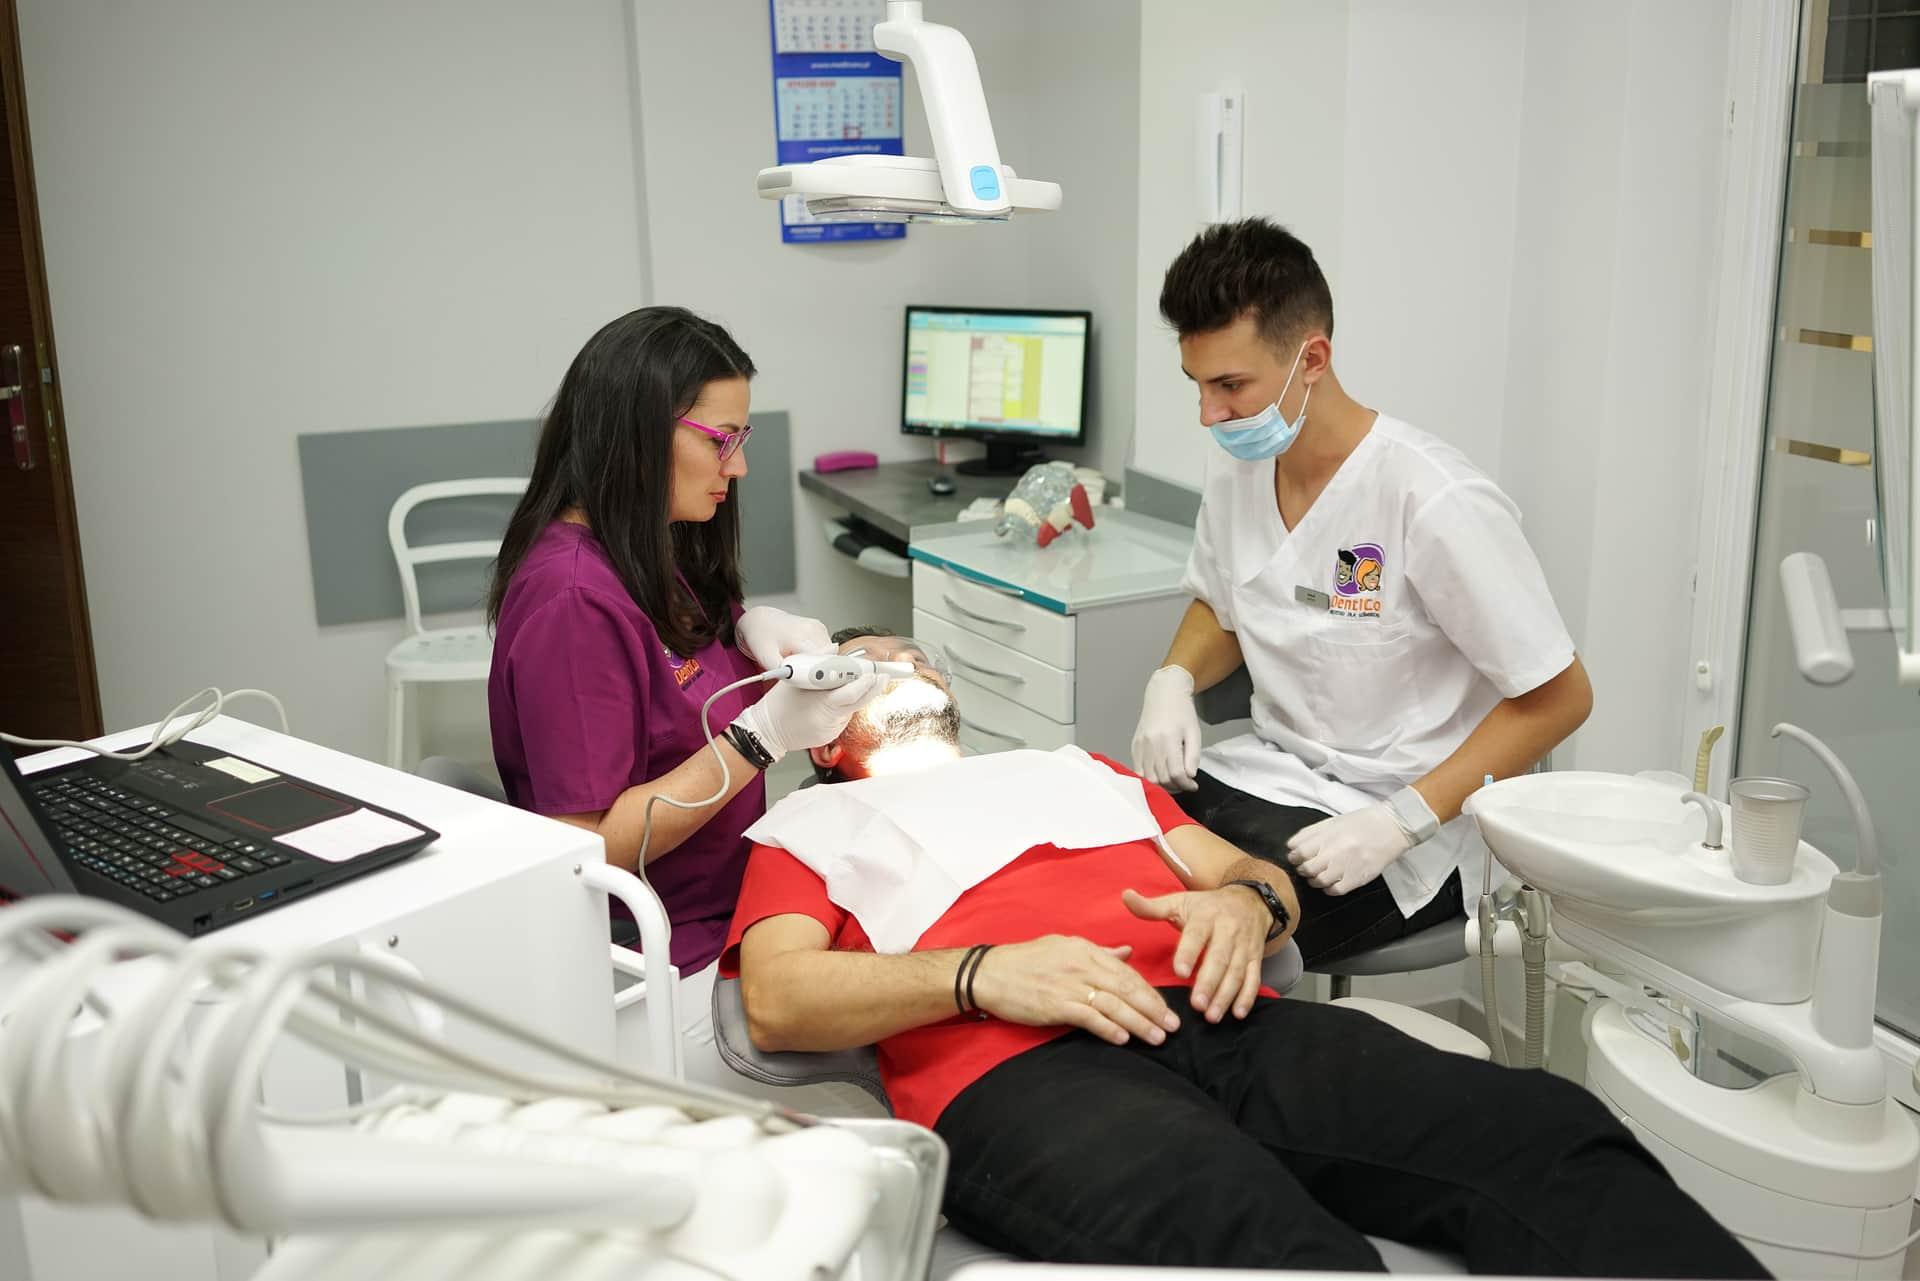 Licówki Flow Incjection - Bonding <span>Gdańsk</span> Skaner wewnątrzustnt Dentico Diagnostyka zębów gotdsc01953 8